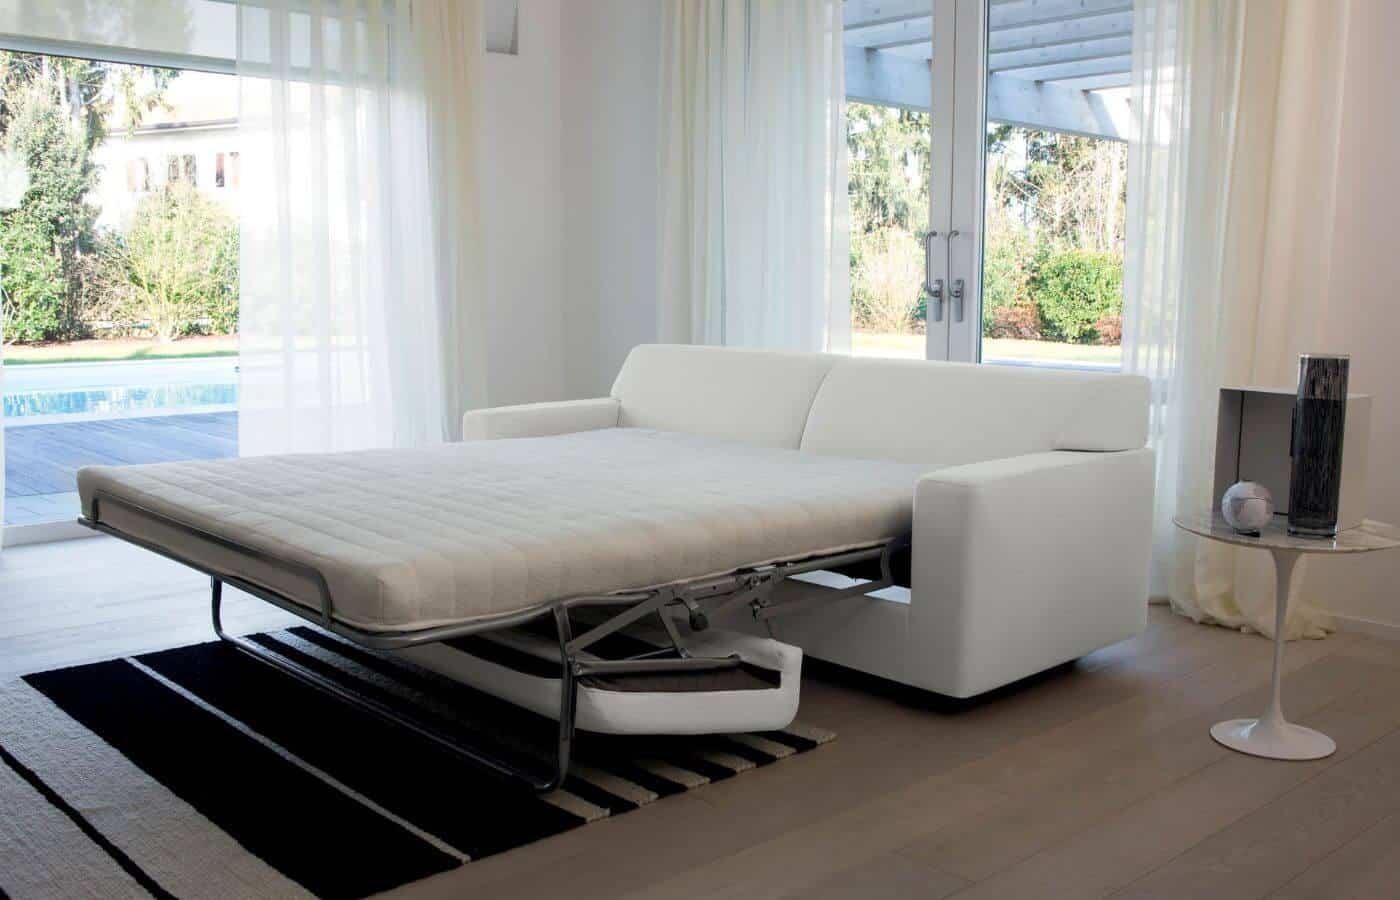 divani-letto-collezione-raperonzolo-il-mobile (3)